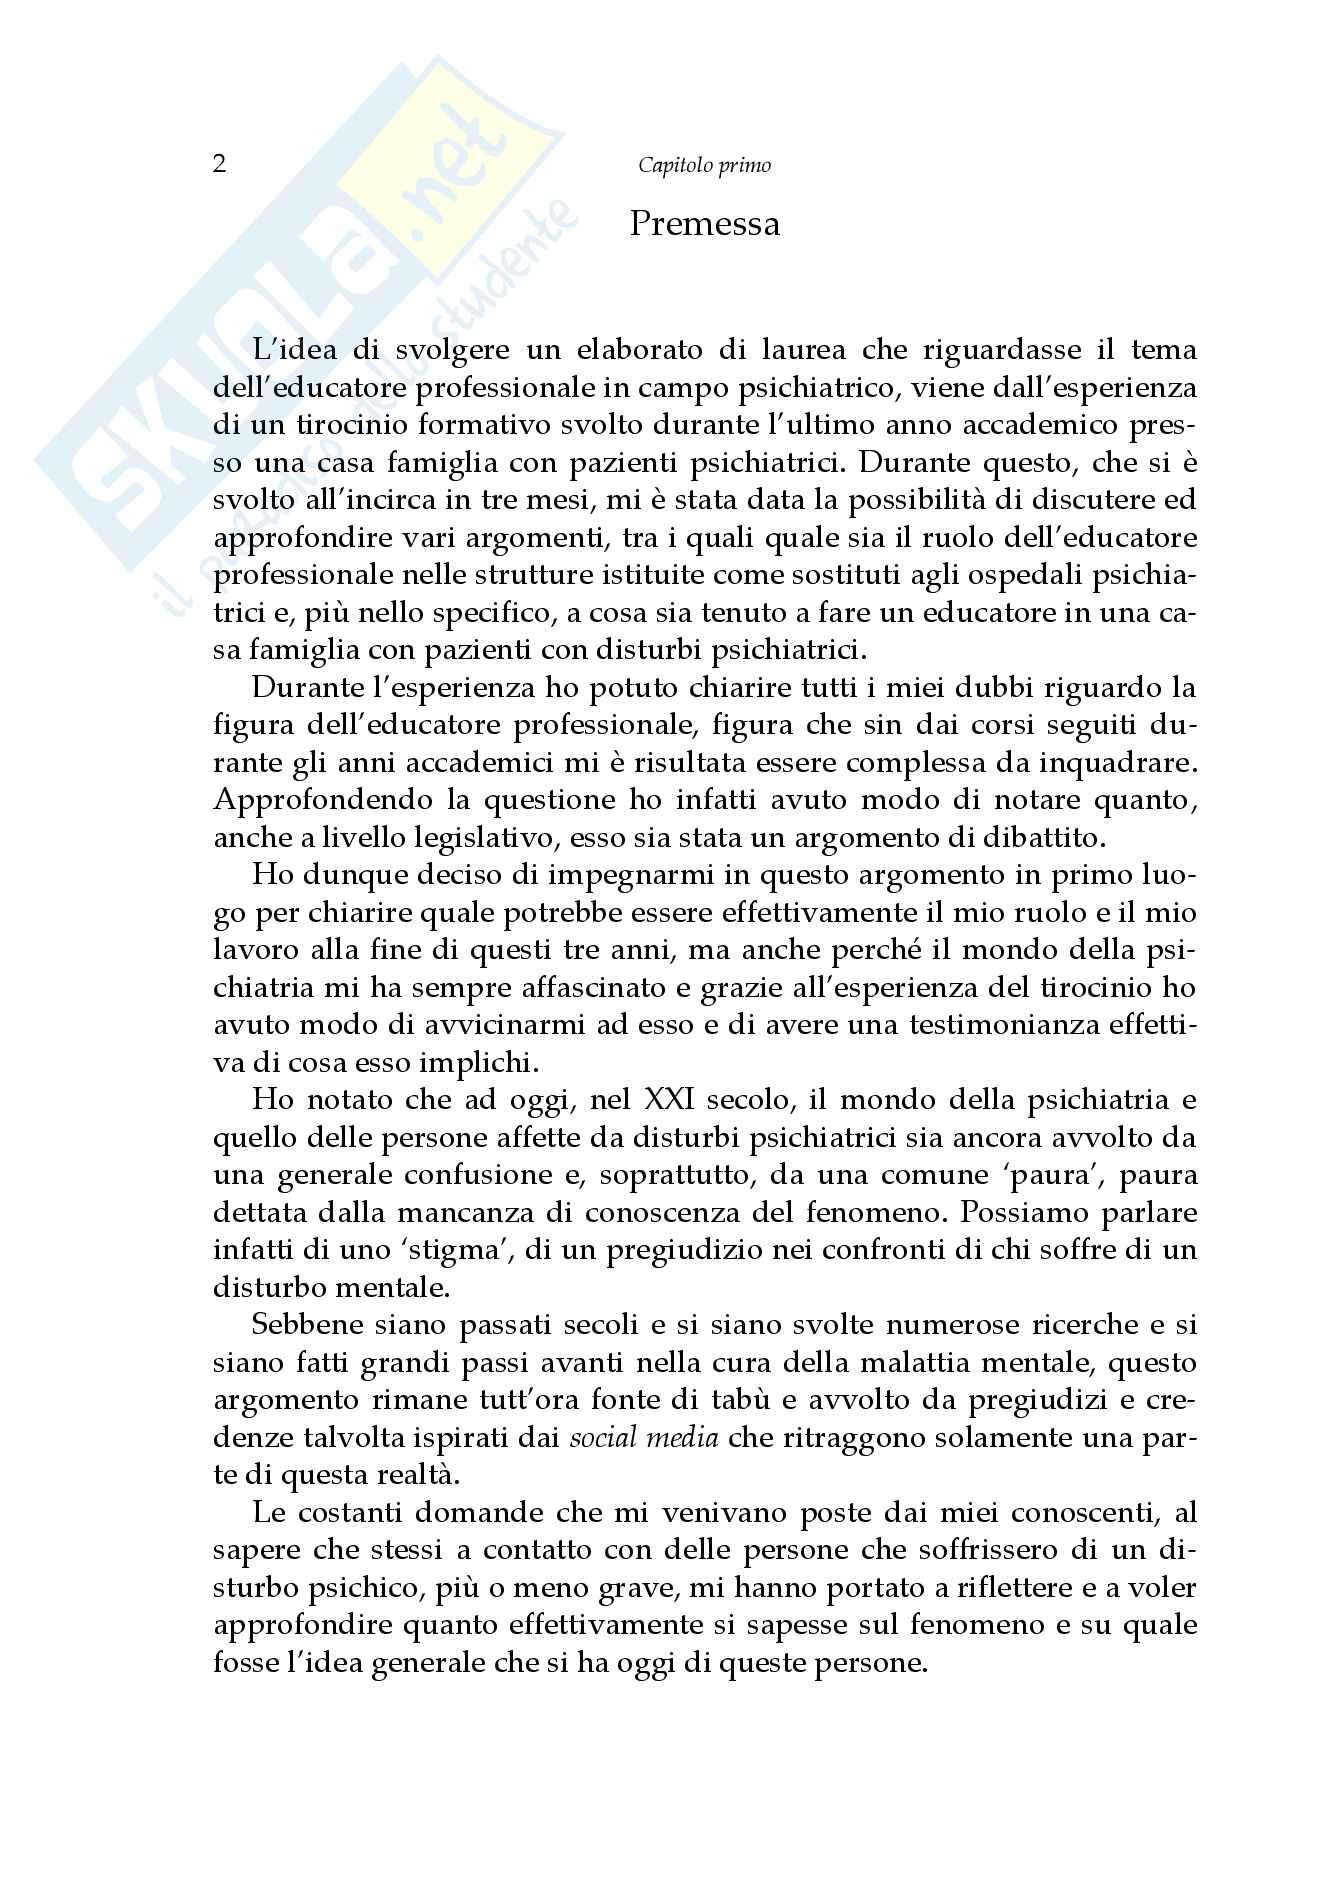 L'educatore professionale nella relazione con i pazienti psichiatrici, Tesi Pag. 6